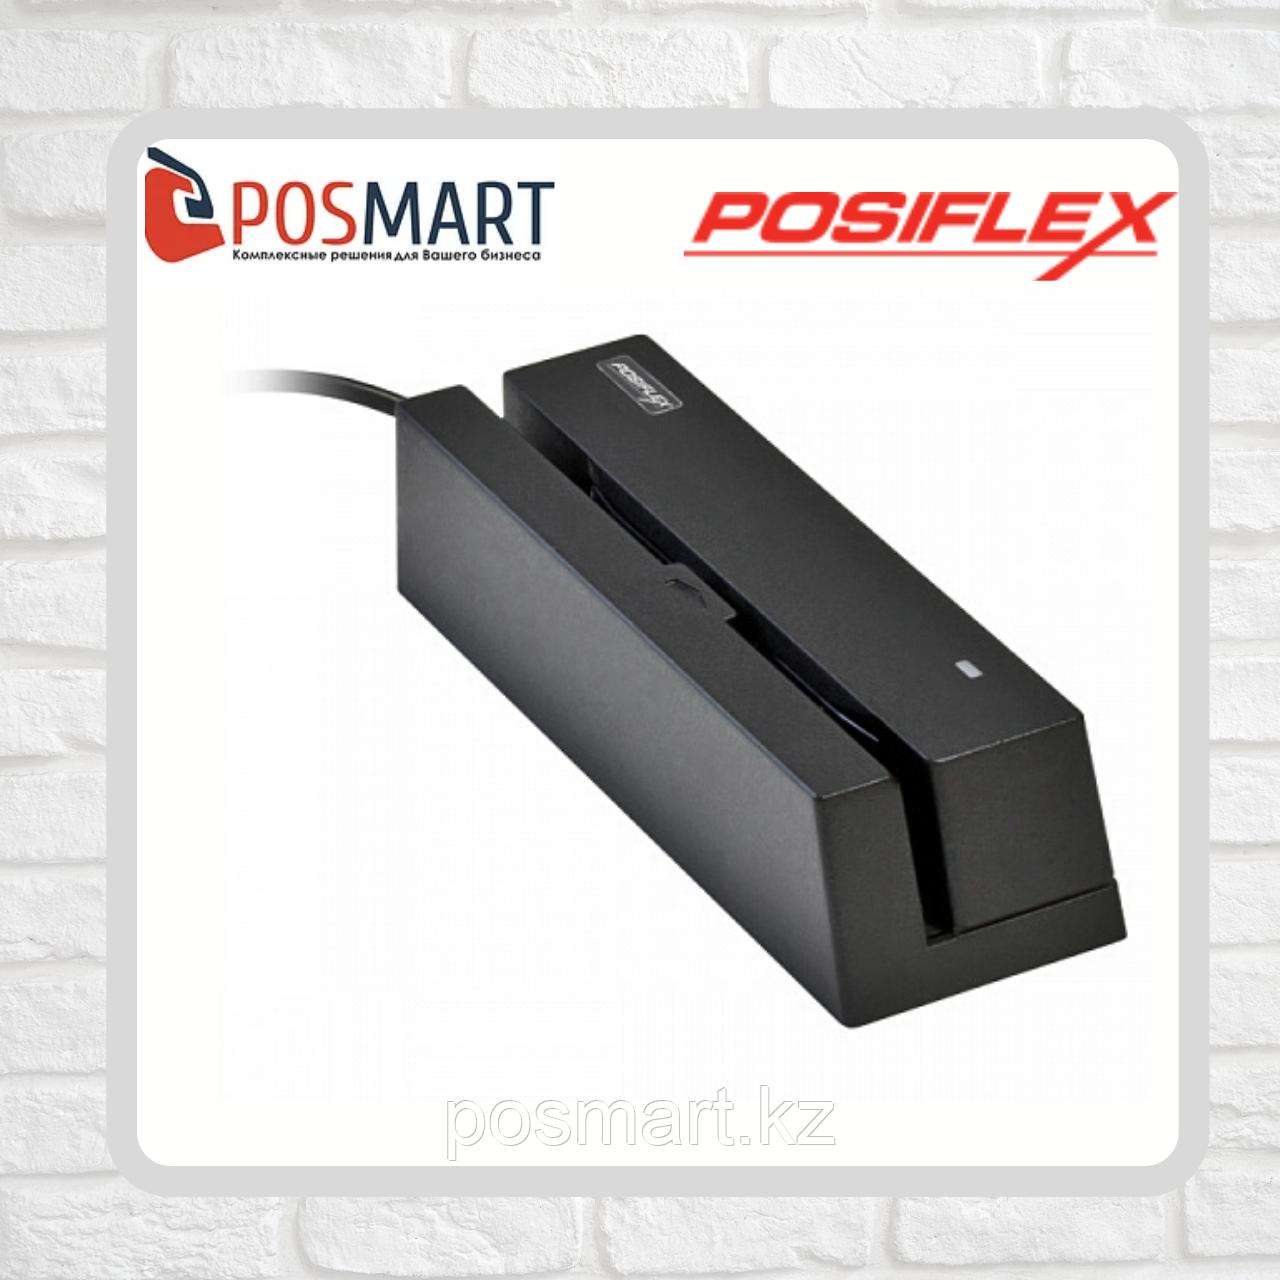 Настольный считыватель магнитных карт Posiflex MR-2106 USB